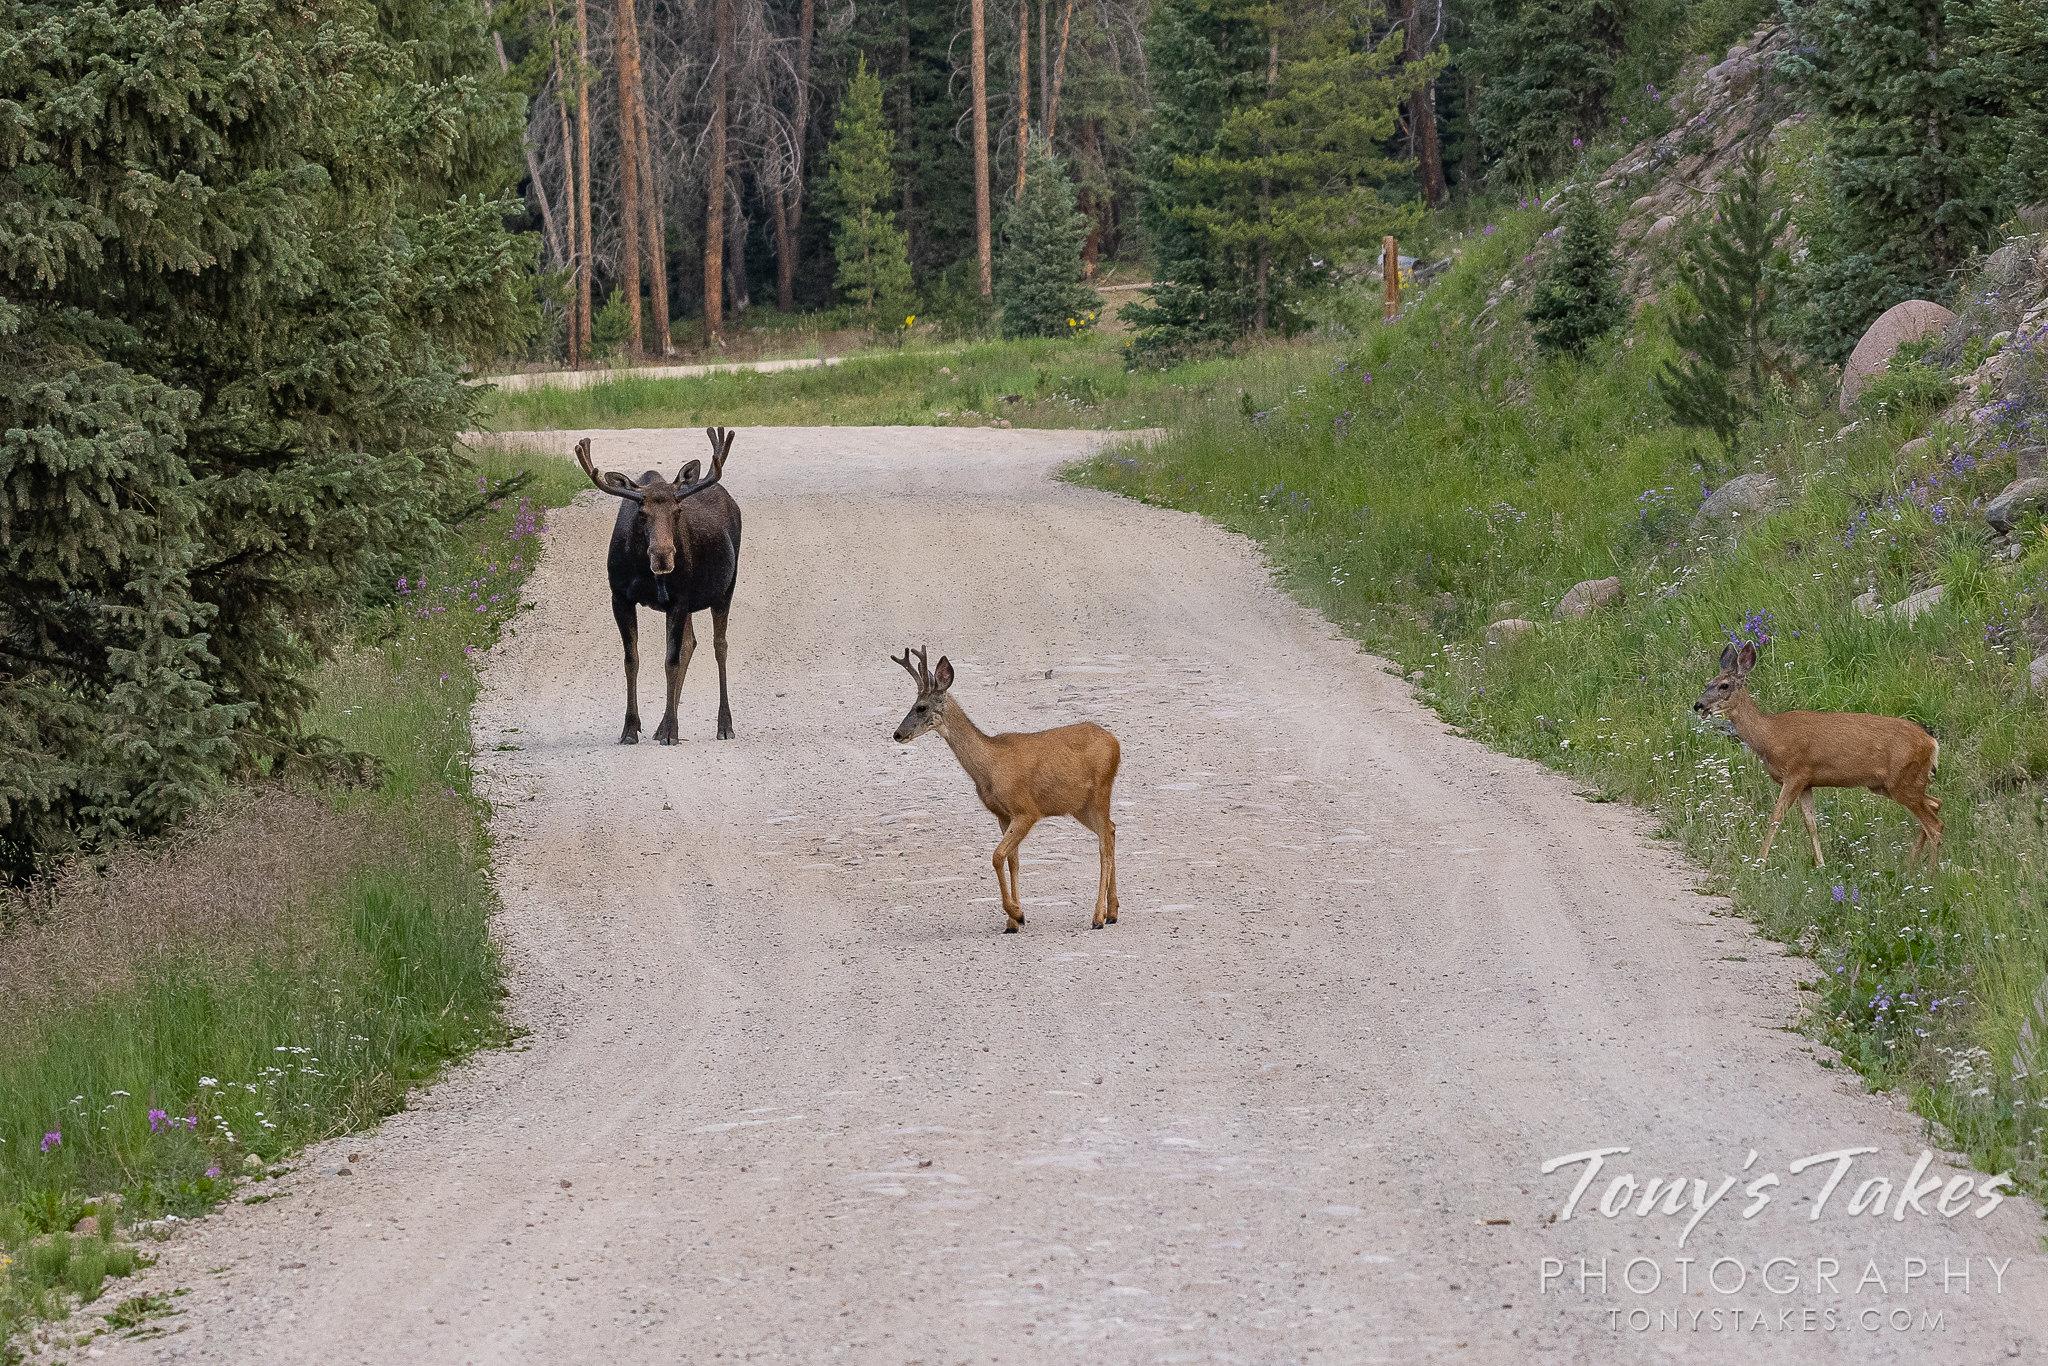 Moose bull guards the road, chasing off deer